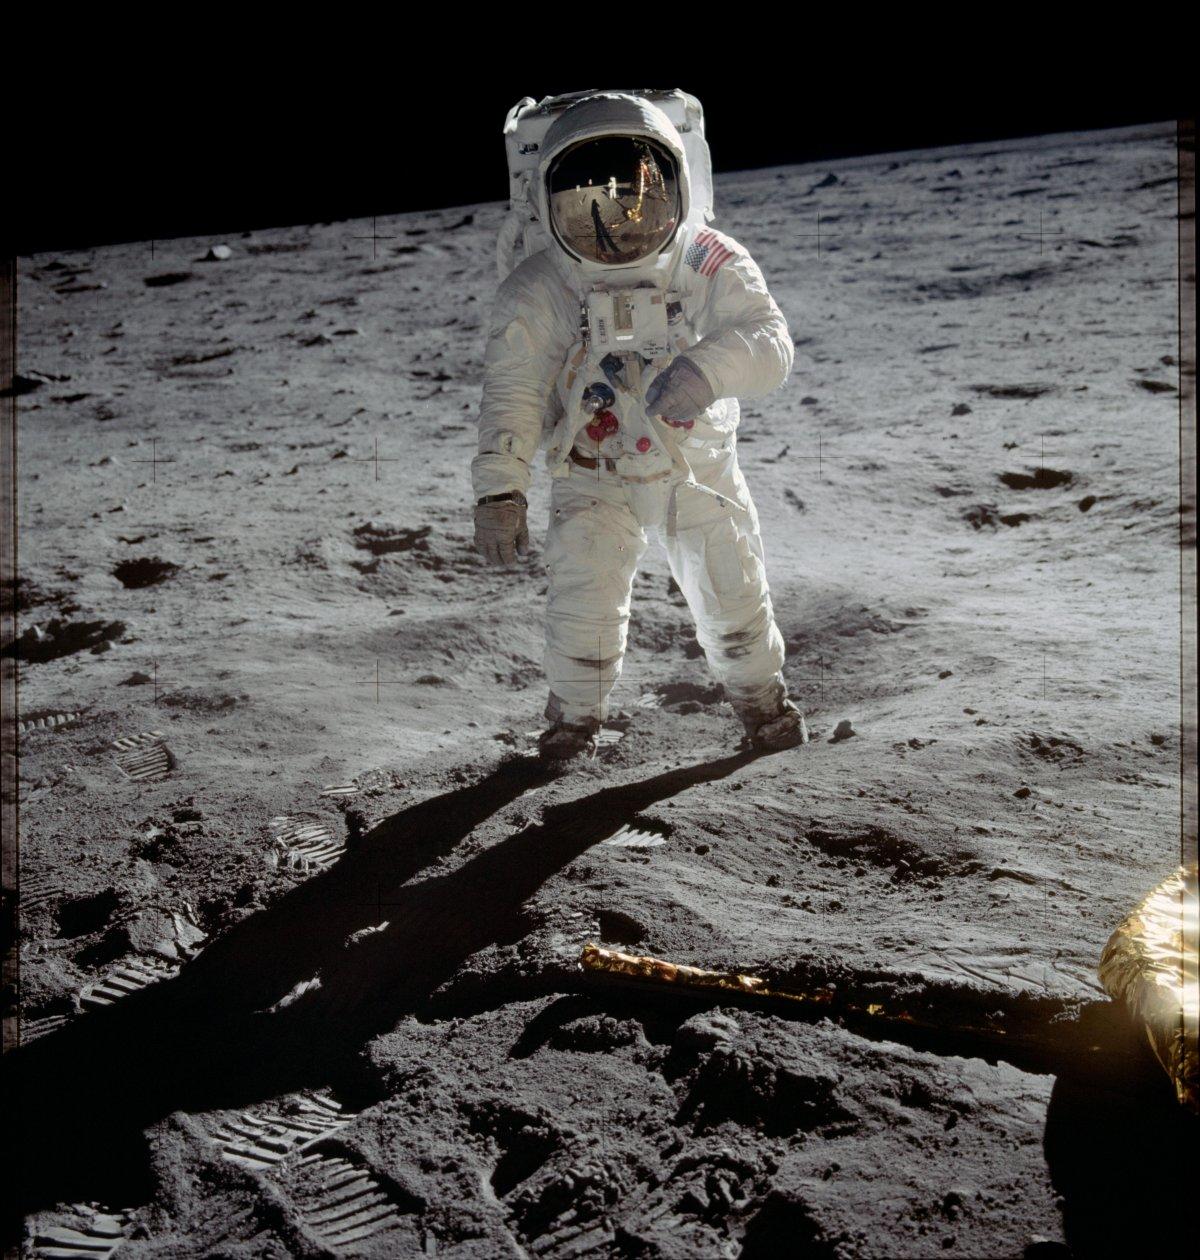 تصاویر بی نظیر از اولین فرود انسان روی ماه